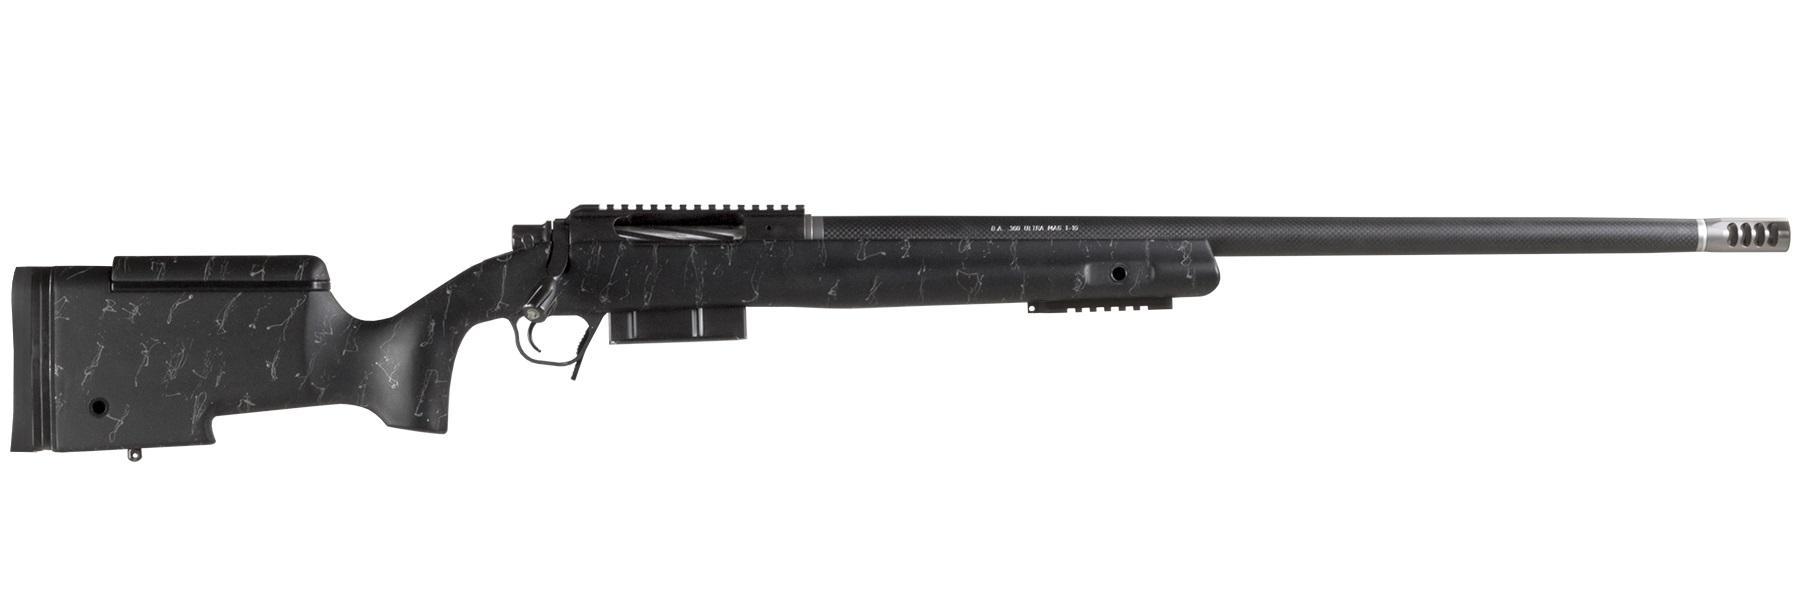 BA TAC 308WIN BLK/GRY 20 TB - CA10270-482481